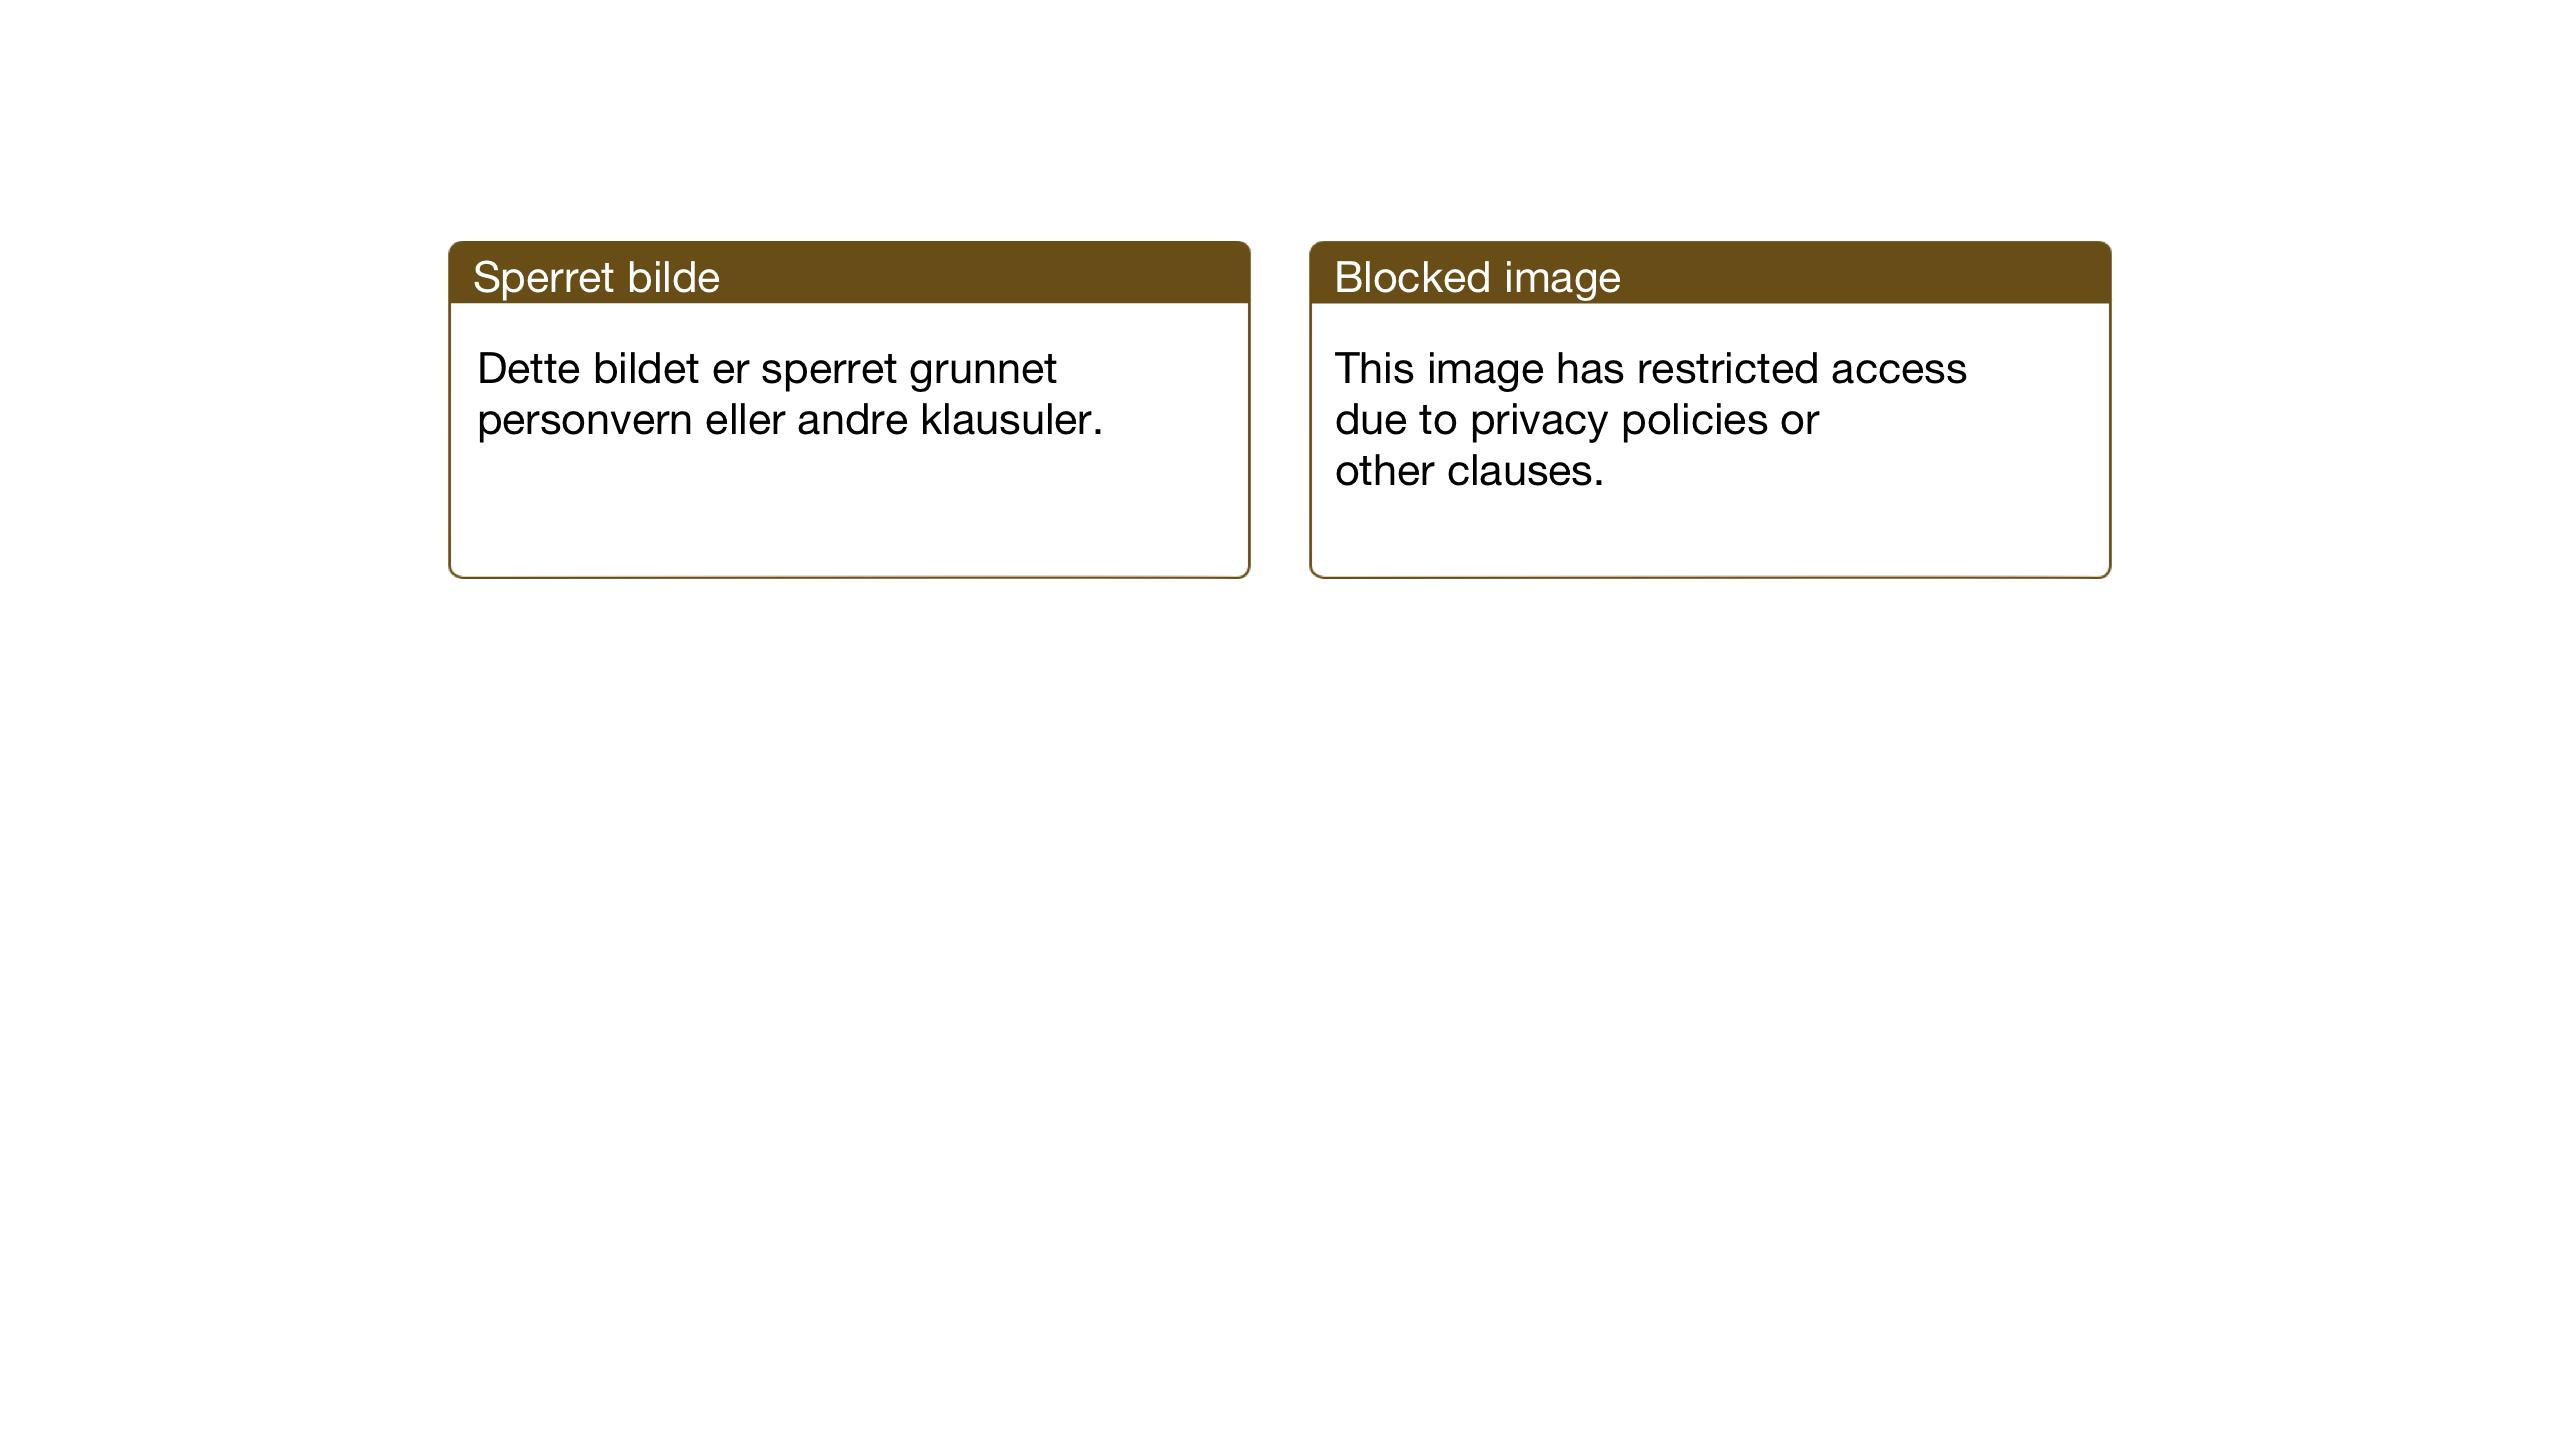 SAT, Ministerialprotokoller, klokkerbøker og fødselsregistre - Nord-Trøndelag, 714/L0136: Klokkerbok nr. 714C05, 1918-1957, s. 247